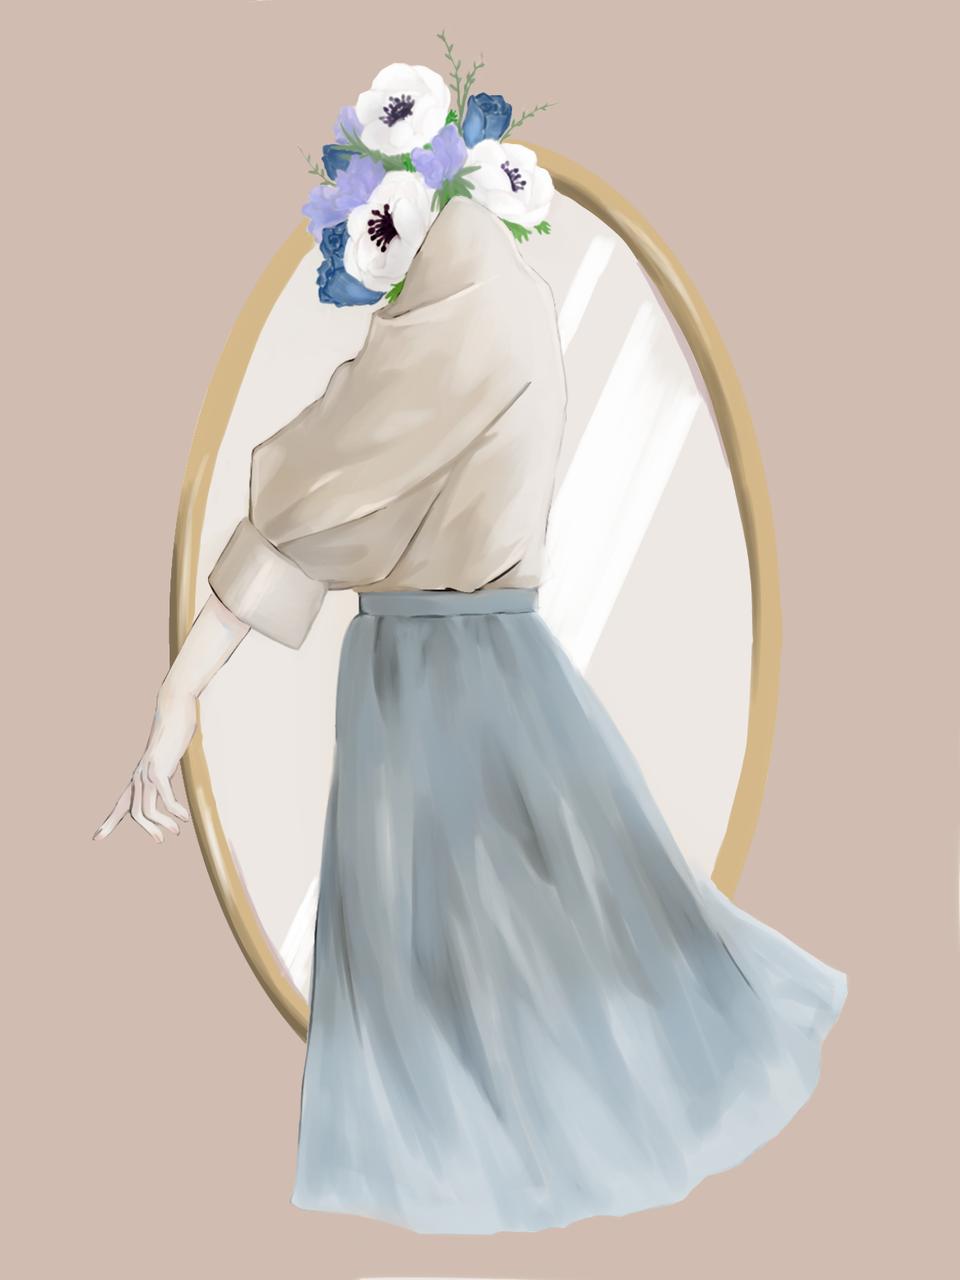 生け花 Illust of ごぱん April2021_Flower original impasto oc illustration Emo